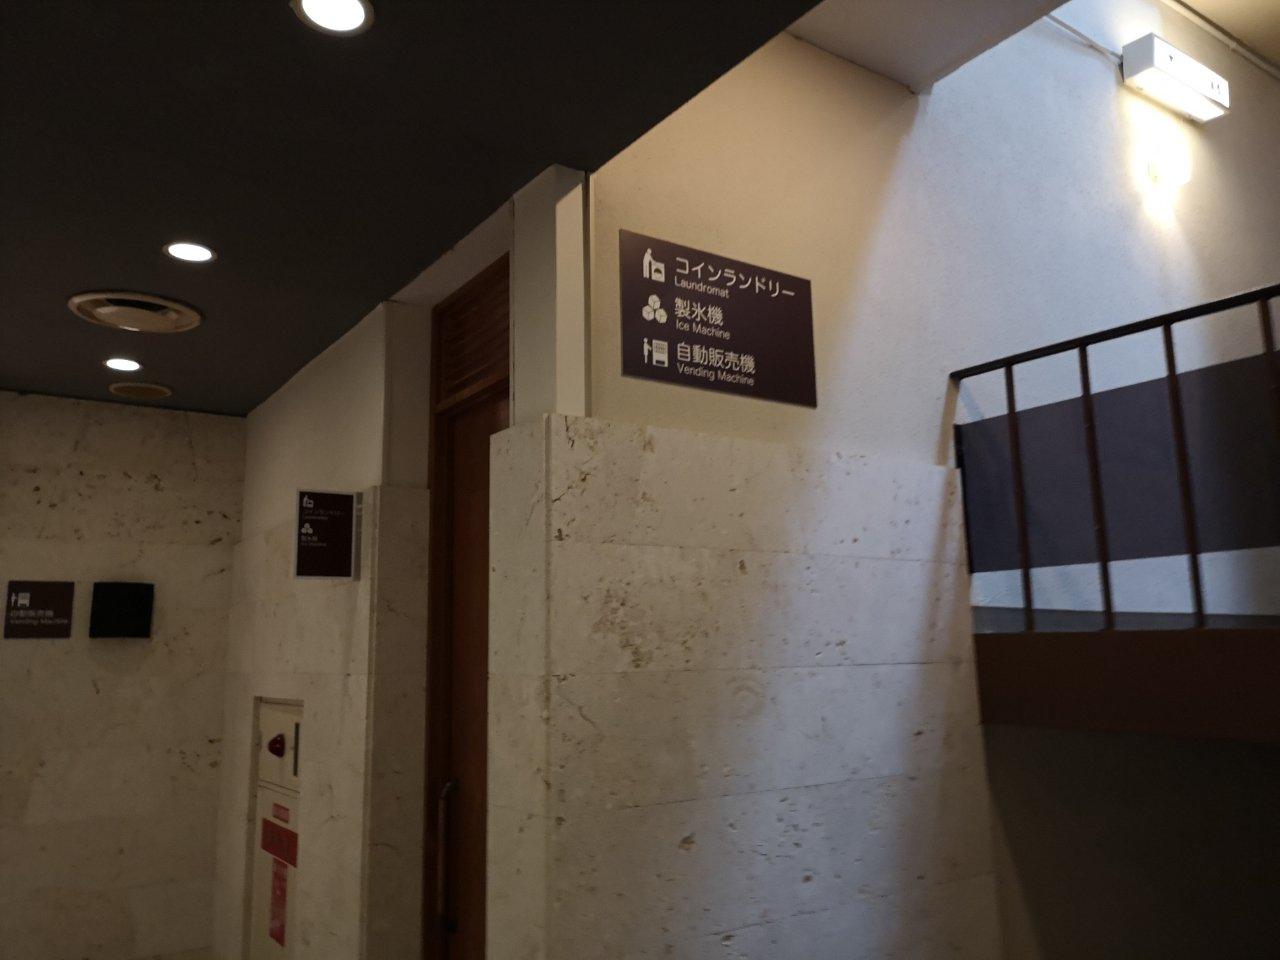 ダブルツリーヒルトン那覇首里城・製氷機場所4